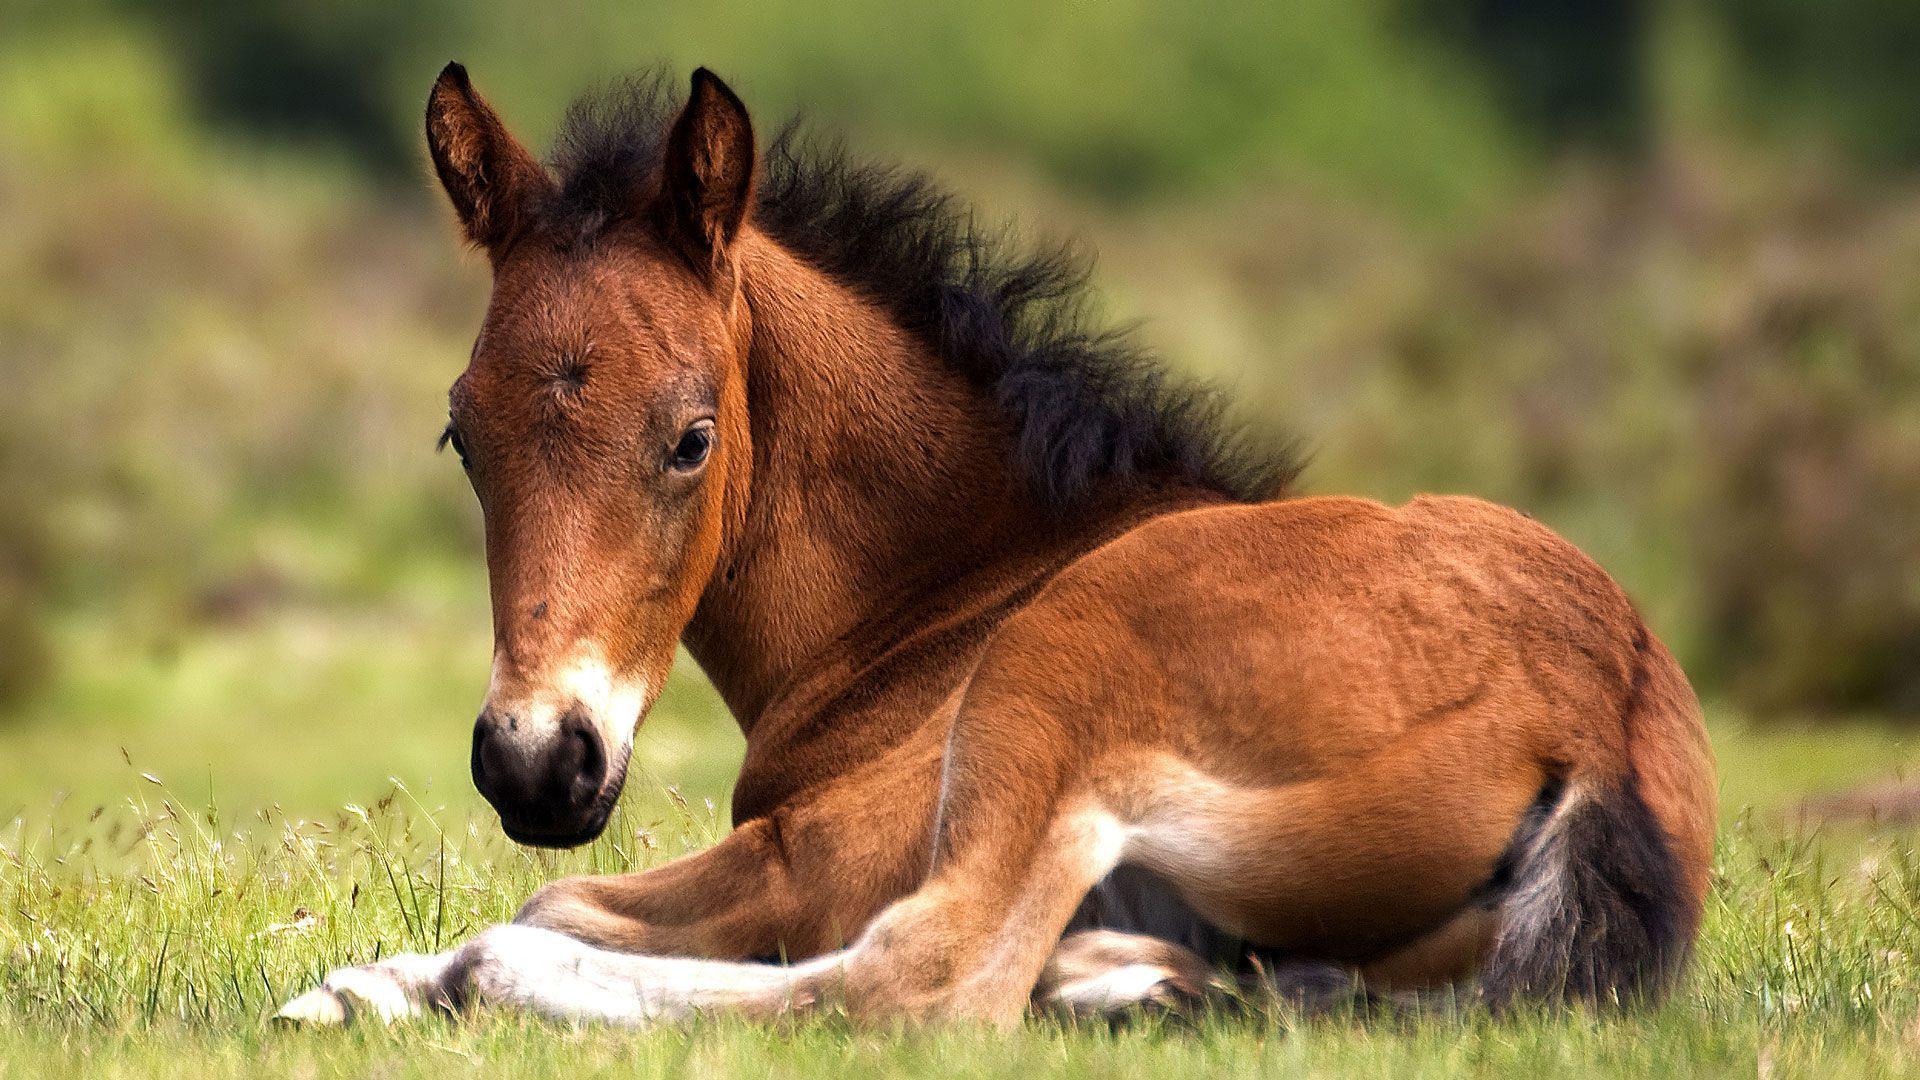 Bébés animaux : 56 animaux et leurs petits | Animaux ...